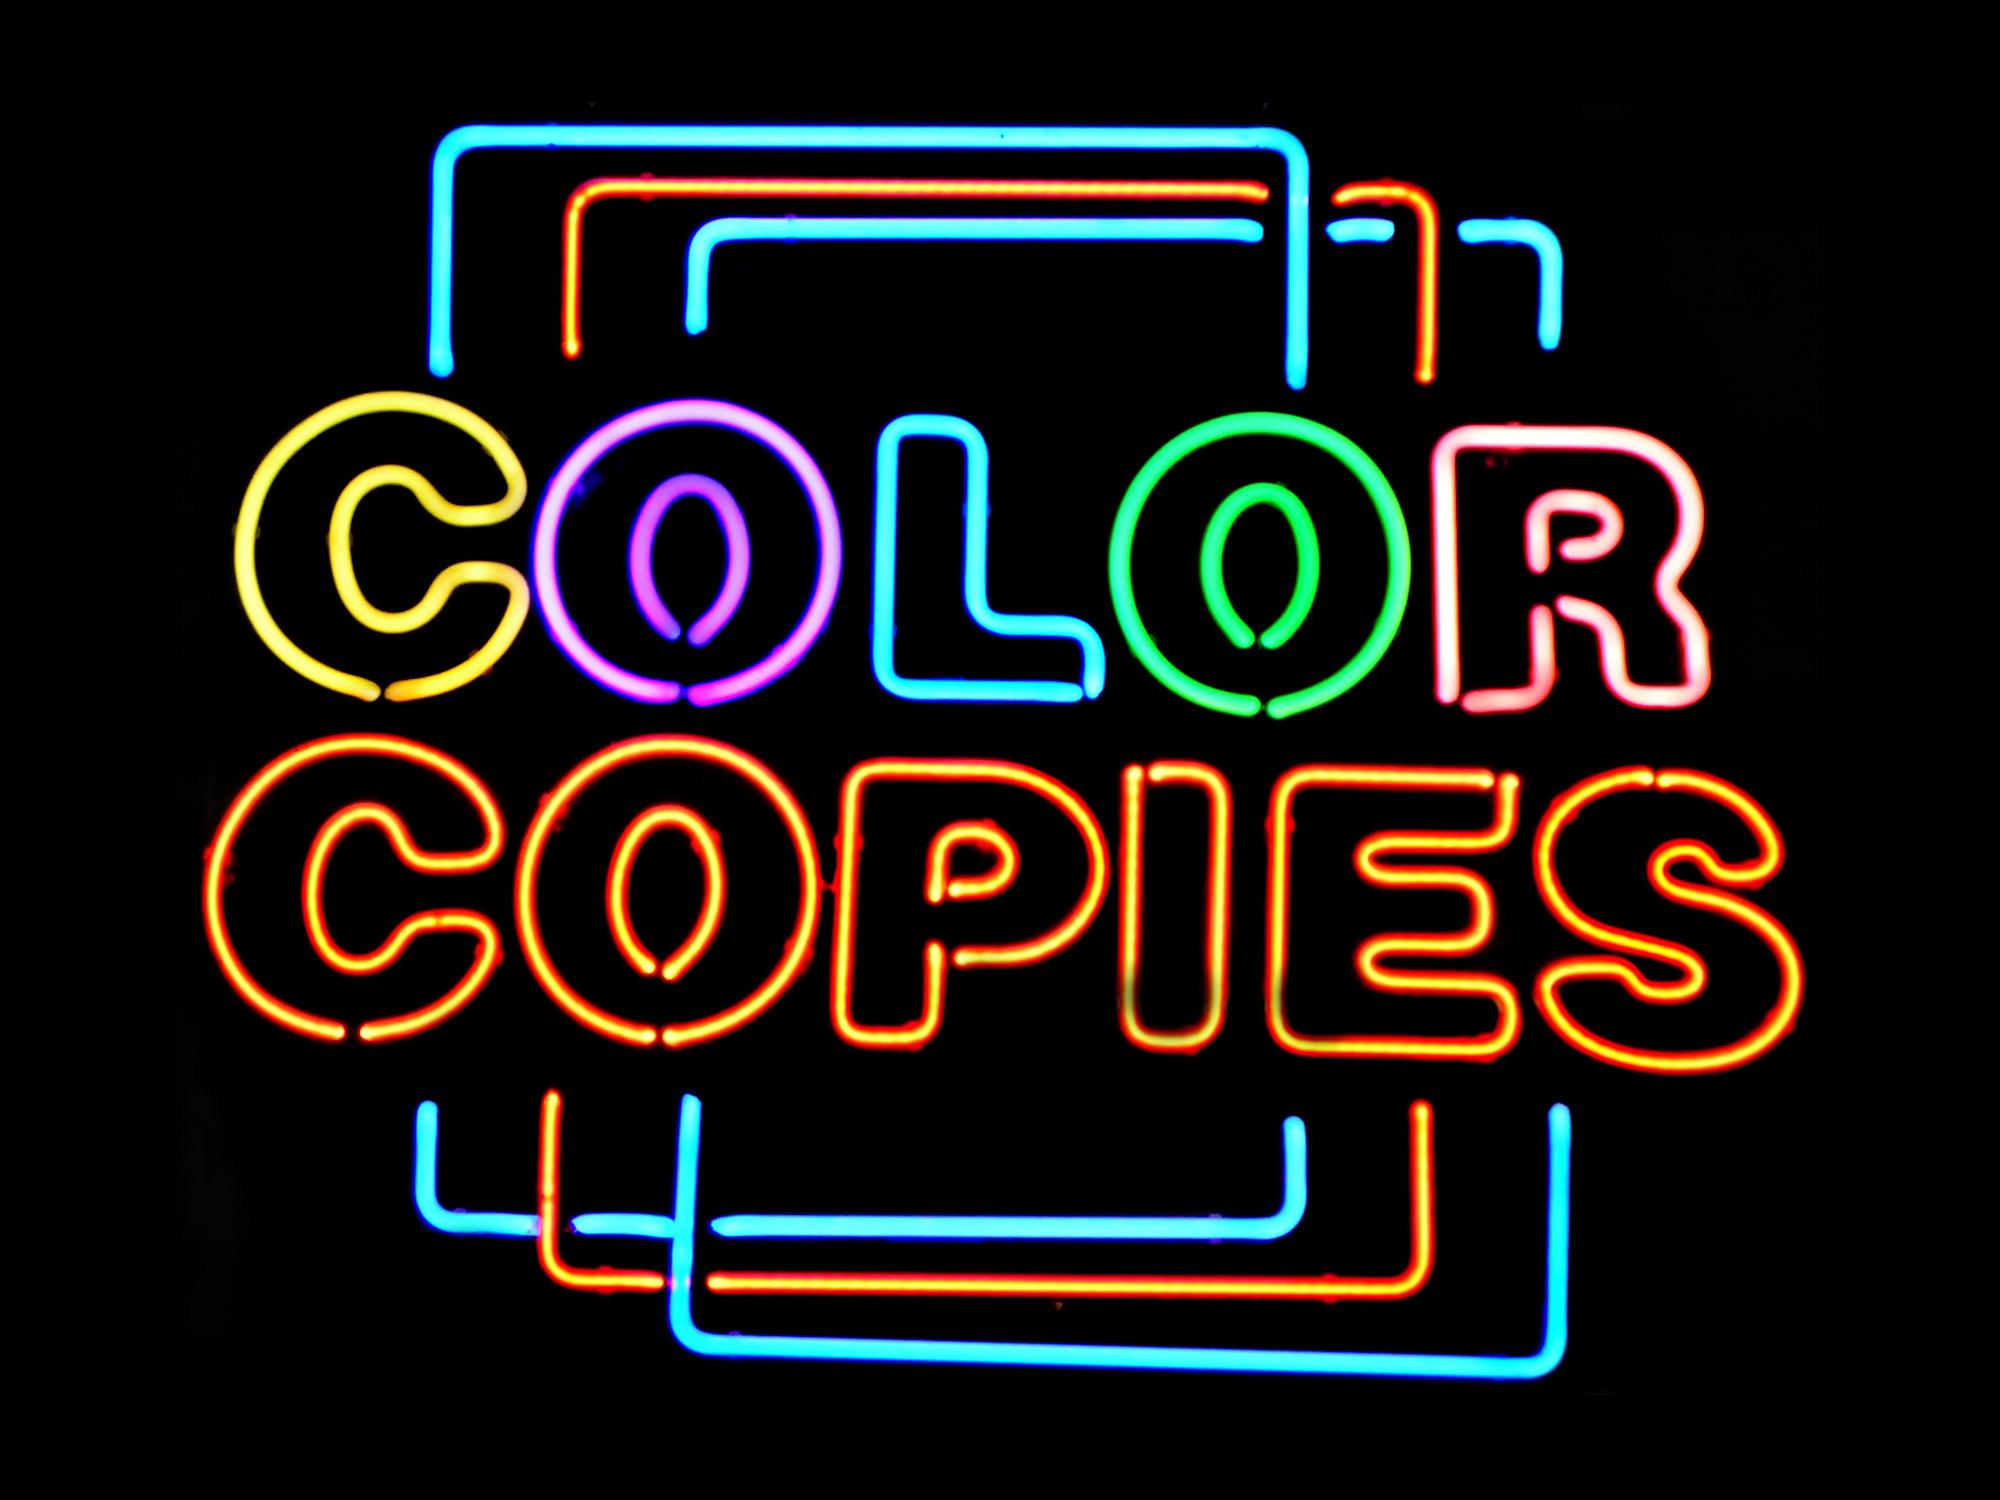 Copies- Color